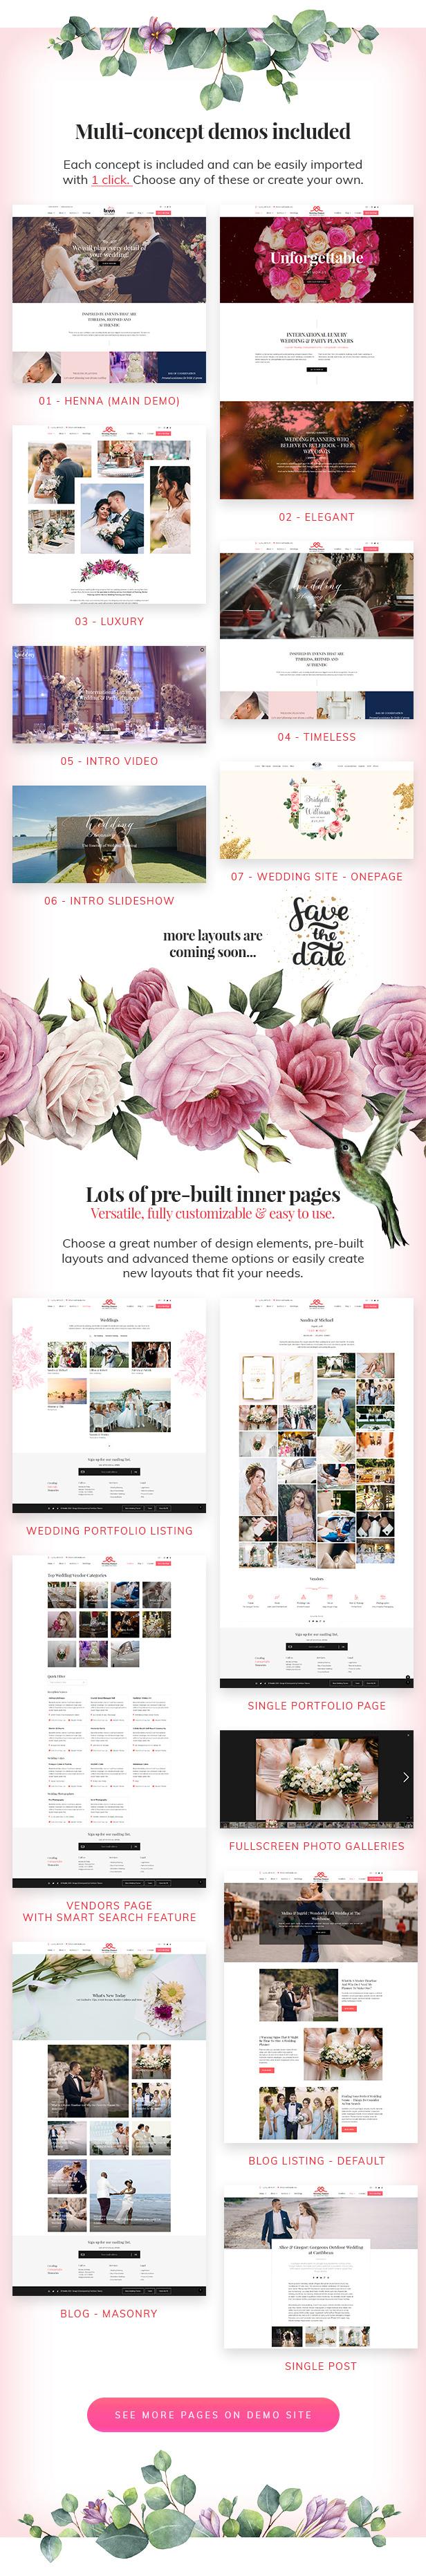 Henna - Hochzeits-WordPress-Theme - 3